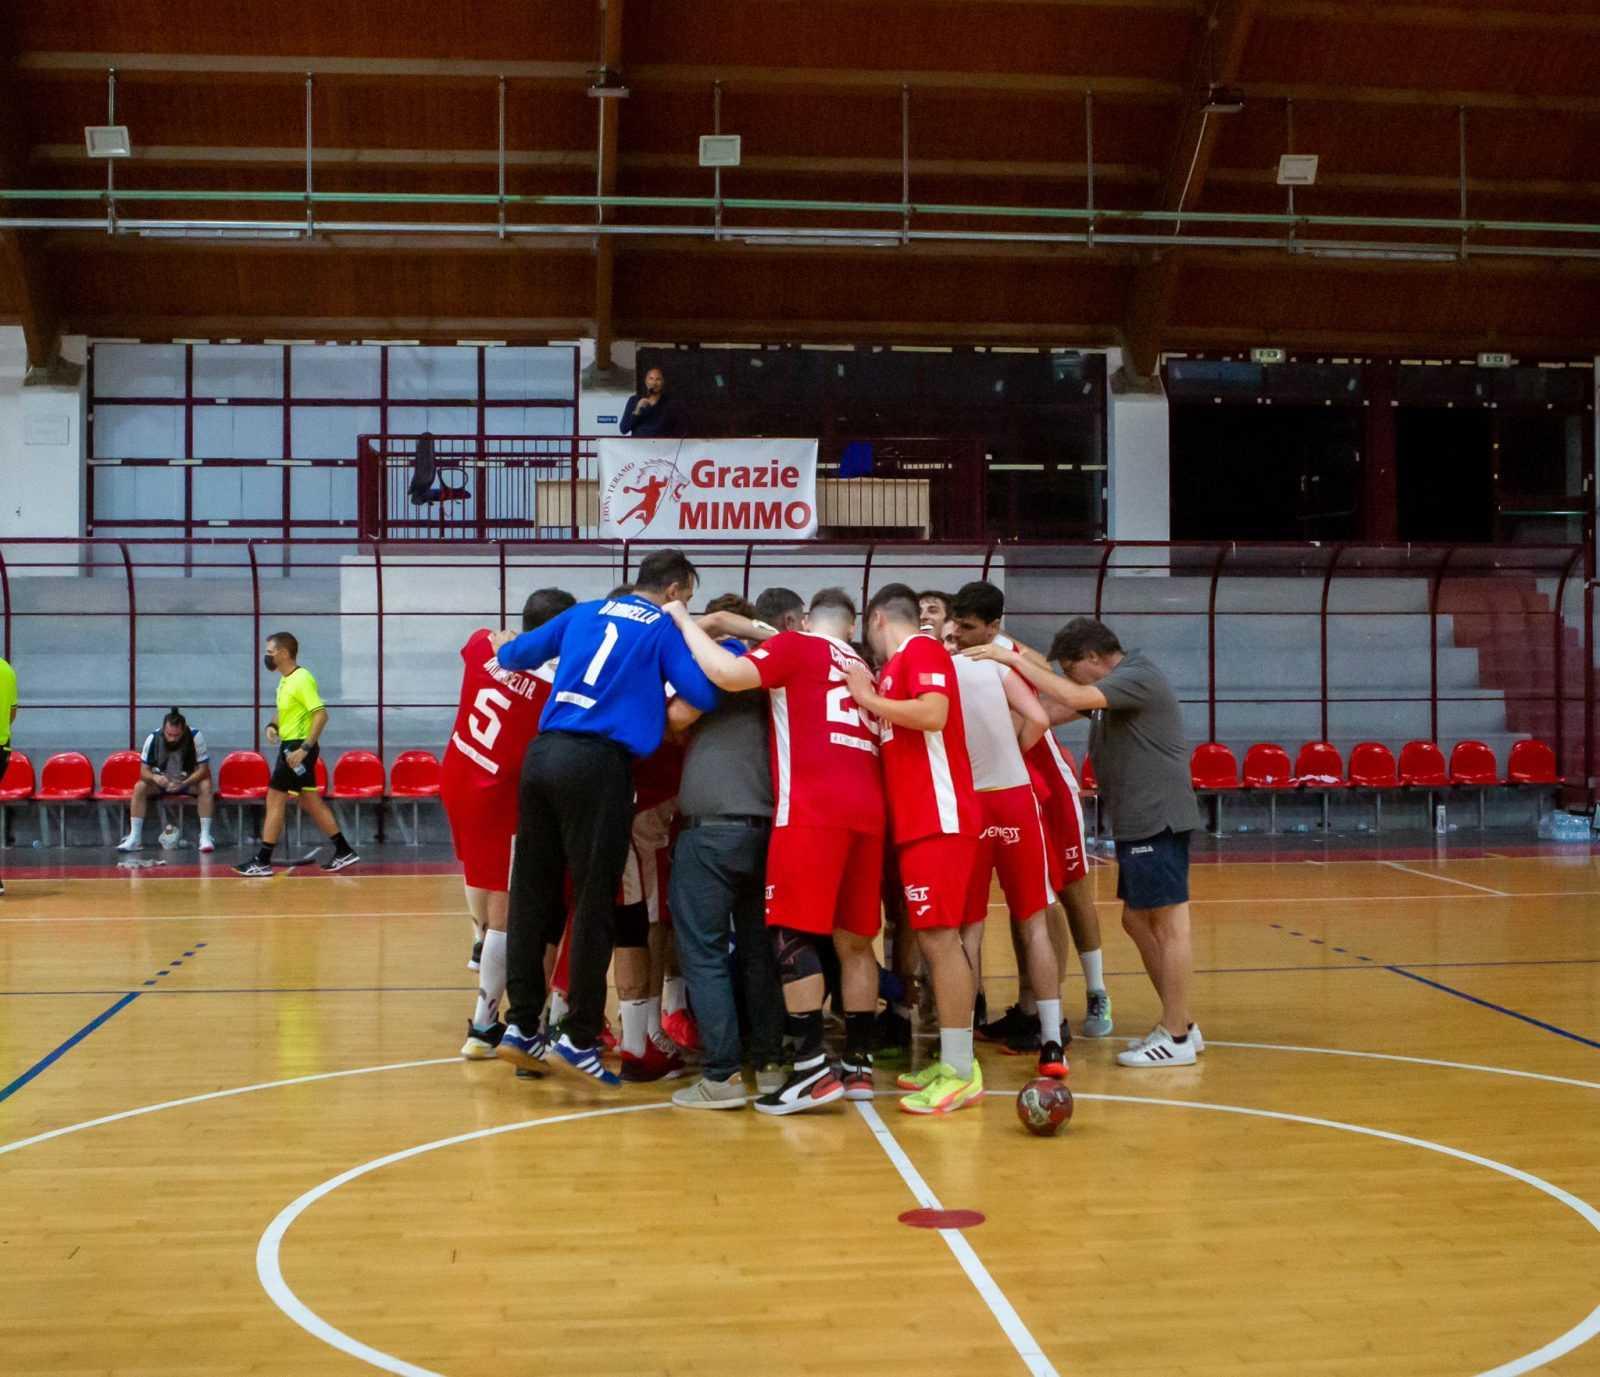 handball-a2/m,-primi-punti-per-i-lions-che-vincono-al-terzo-tentativo-ed-abbattono-chiaravalle-(30-15)